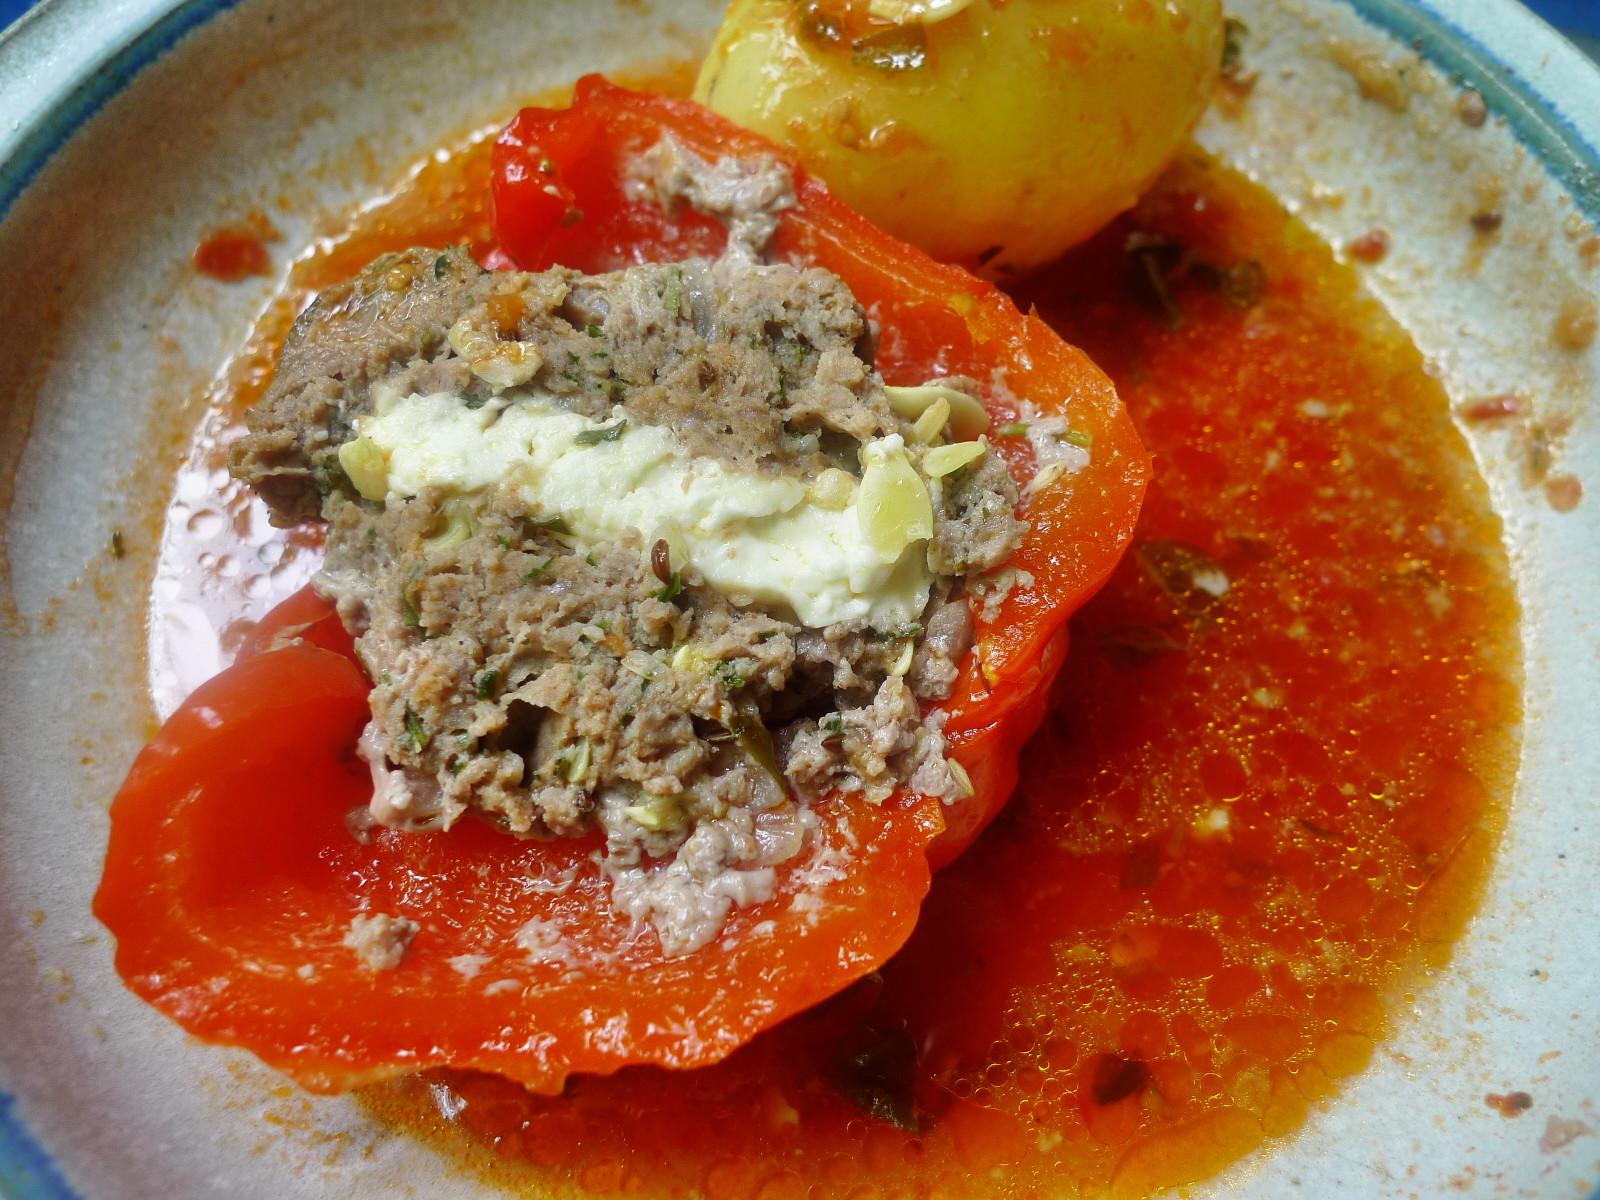 gefüllte Zucchini und Paprika-7.8.14  (25)